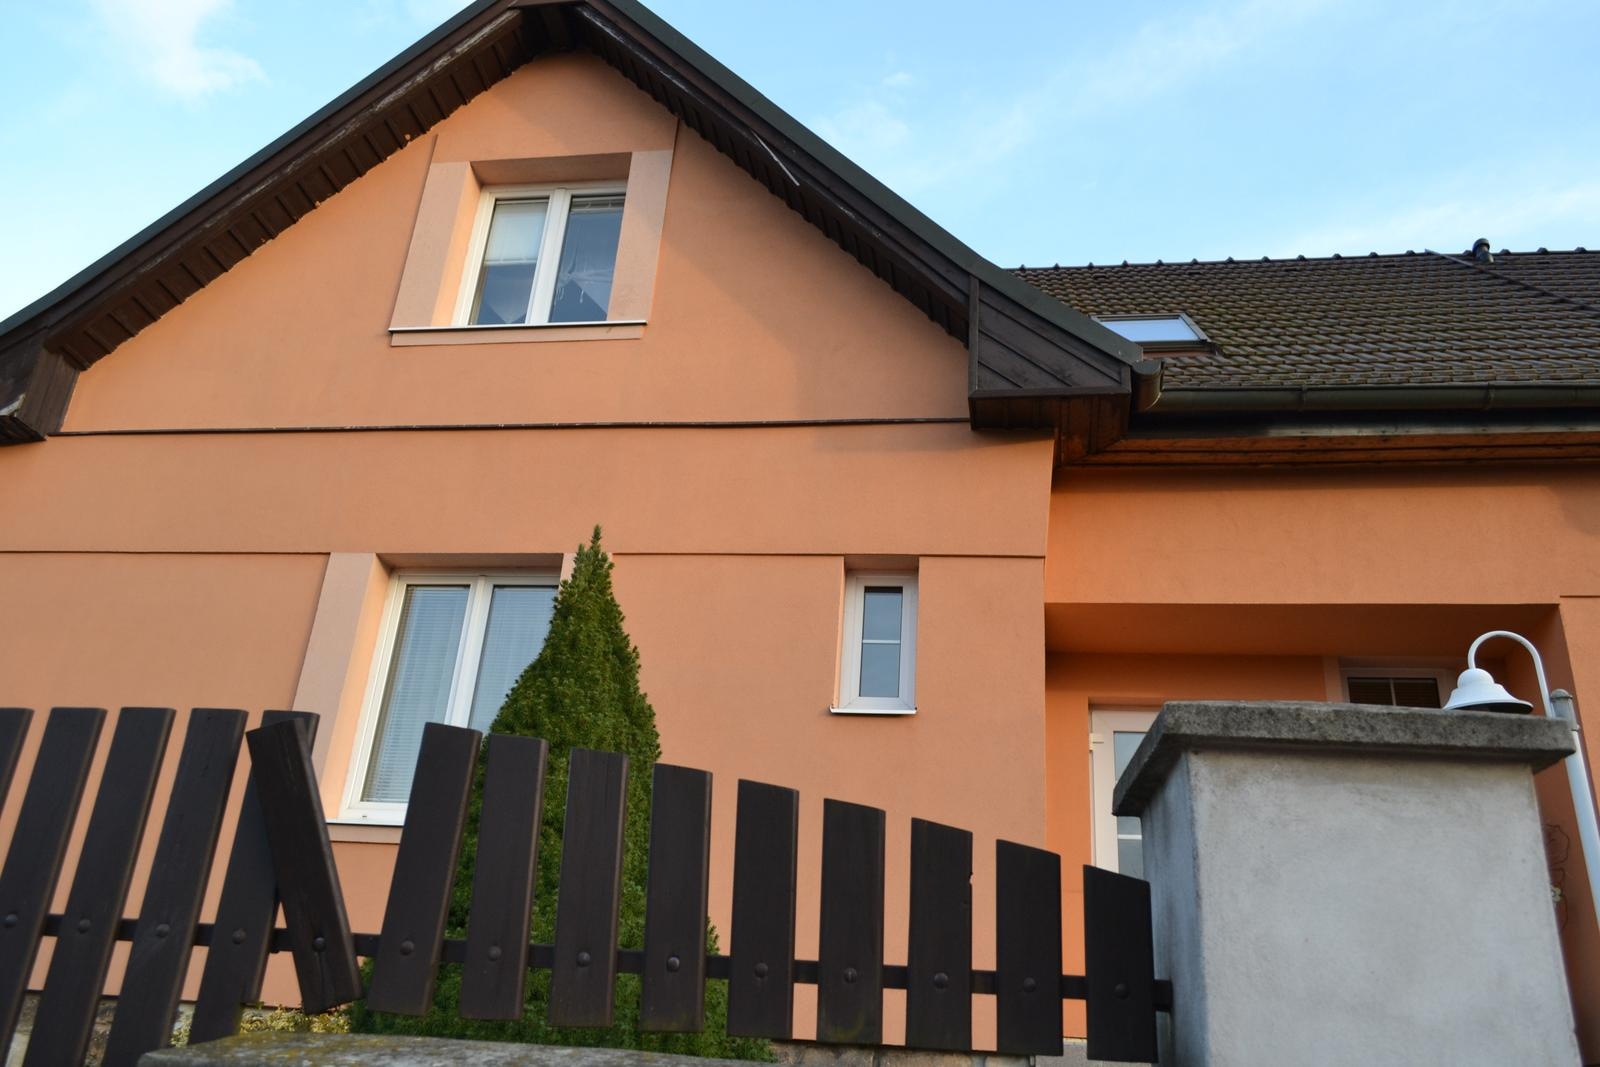 Domeček rekonstruujeme pro rodiče - Vybraná barva fasády - ve skutečnosti maličko hnědší - je prostě zvláštní